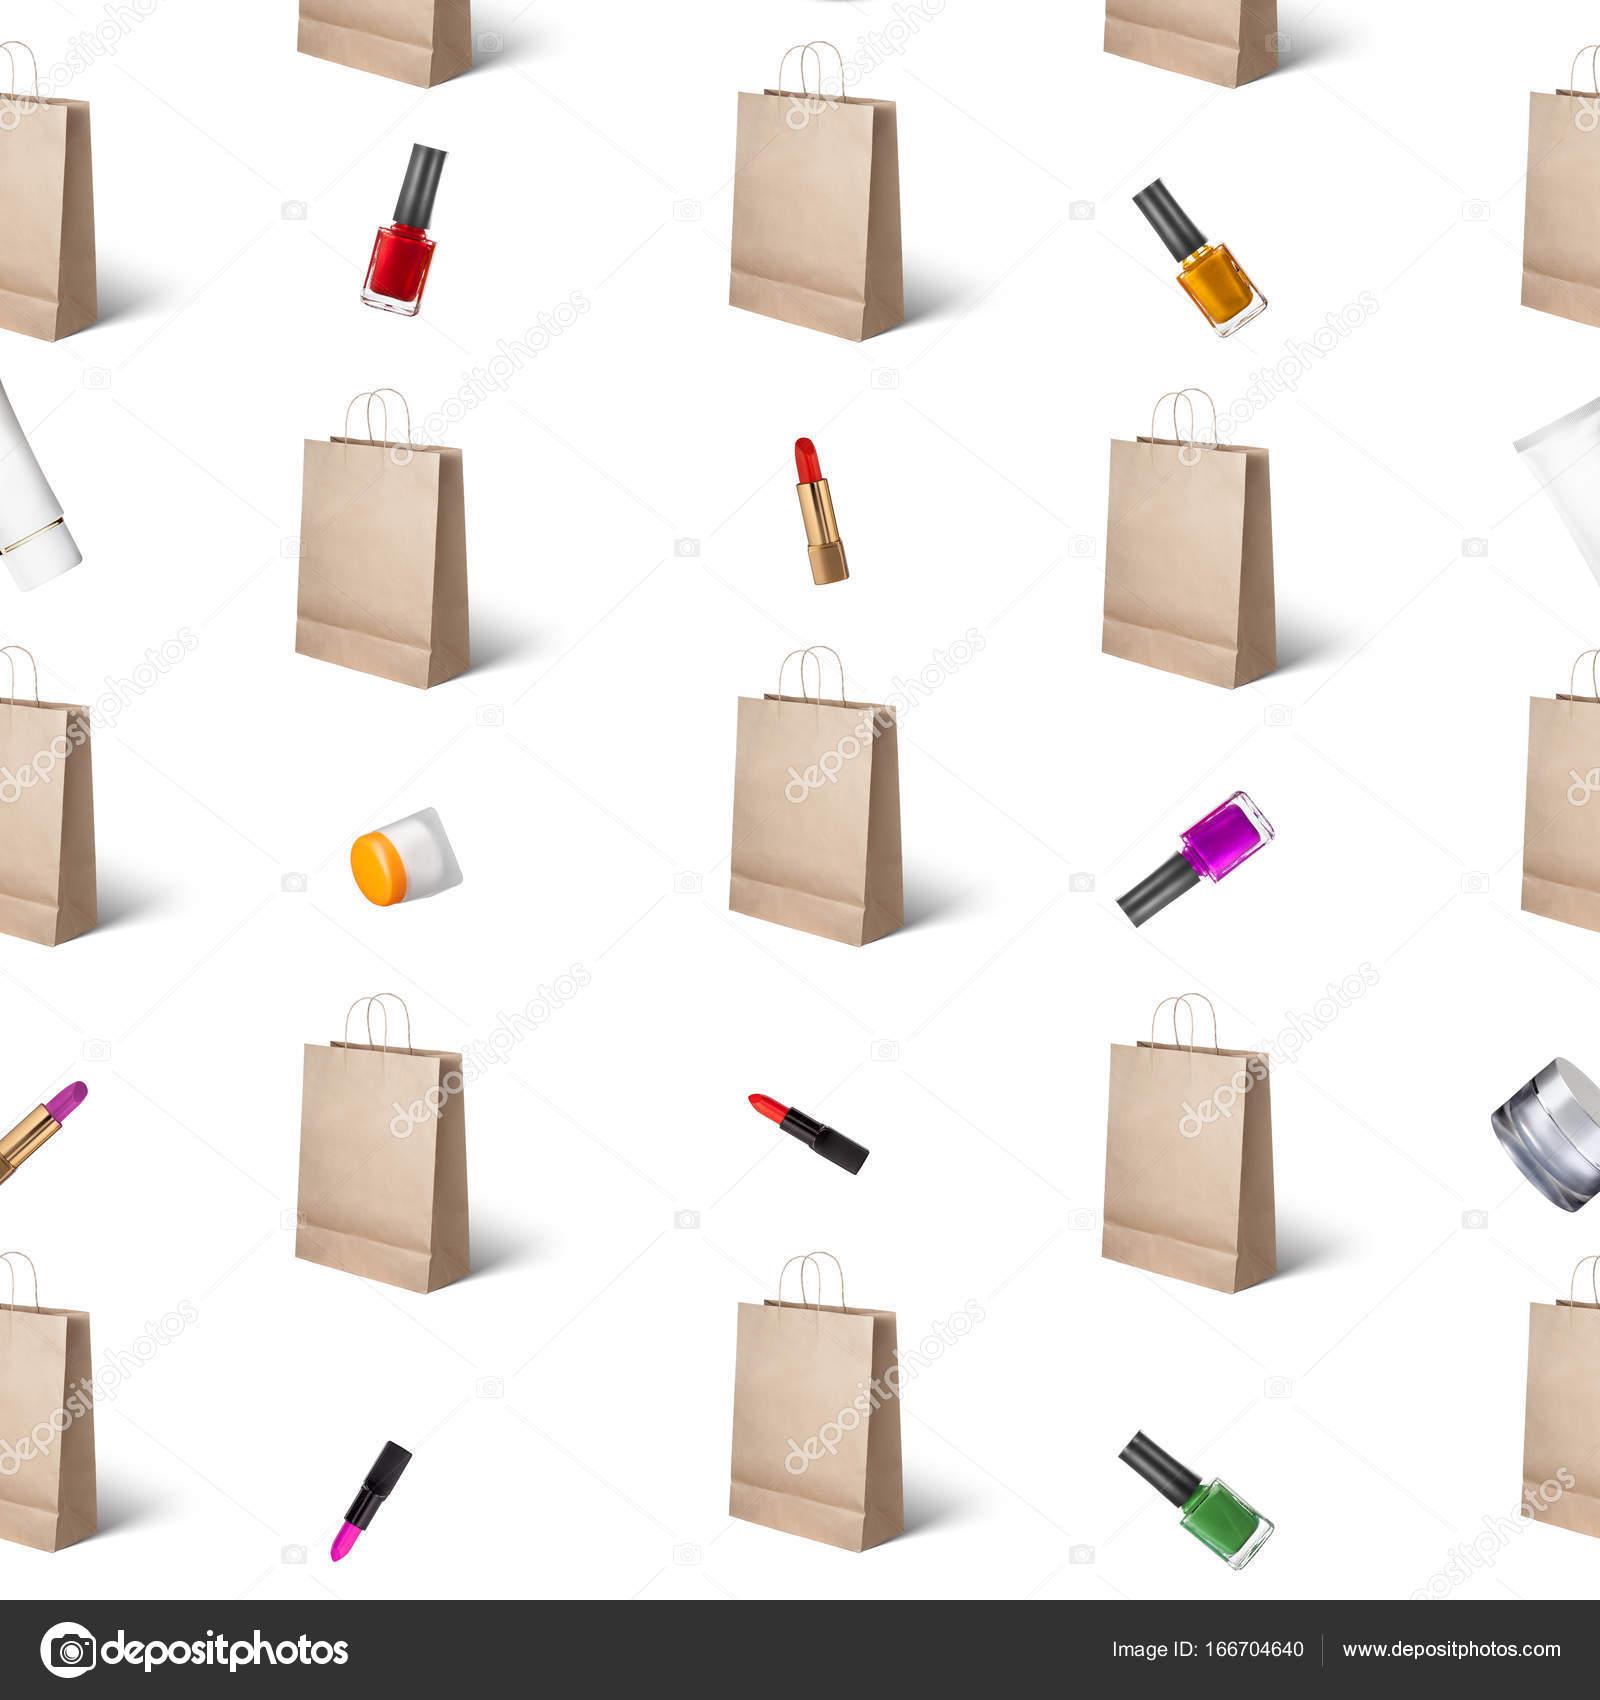 patrones de bolsas de papel y cosméticos — Foto de stock © artjazz ...